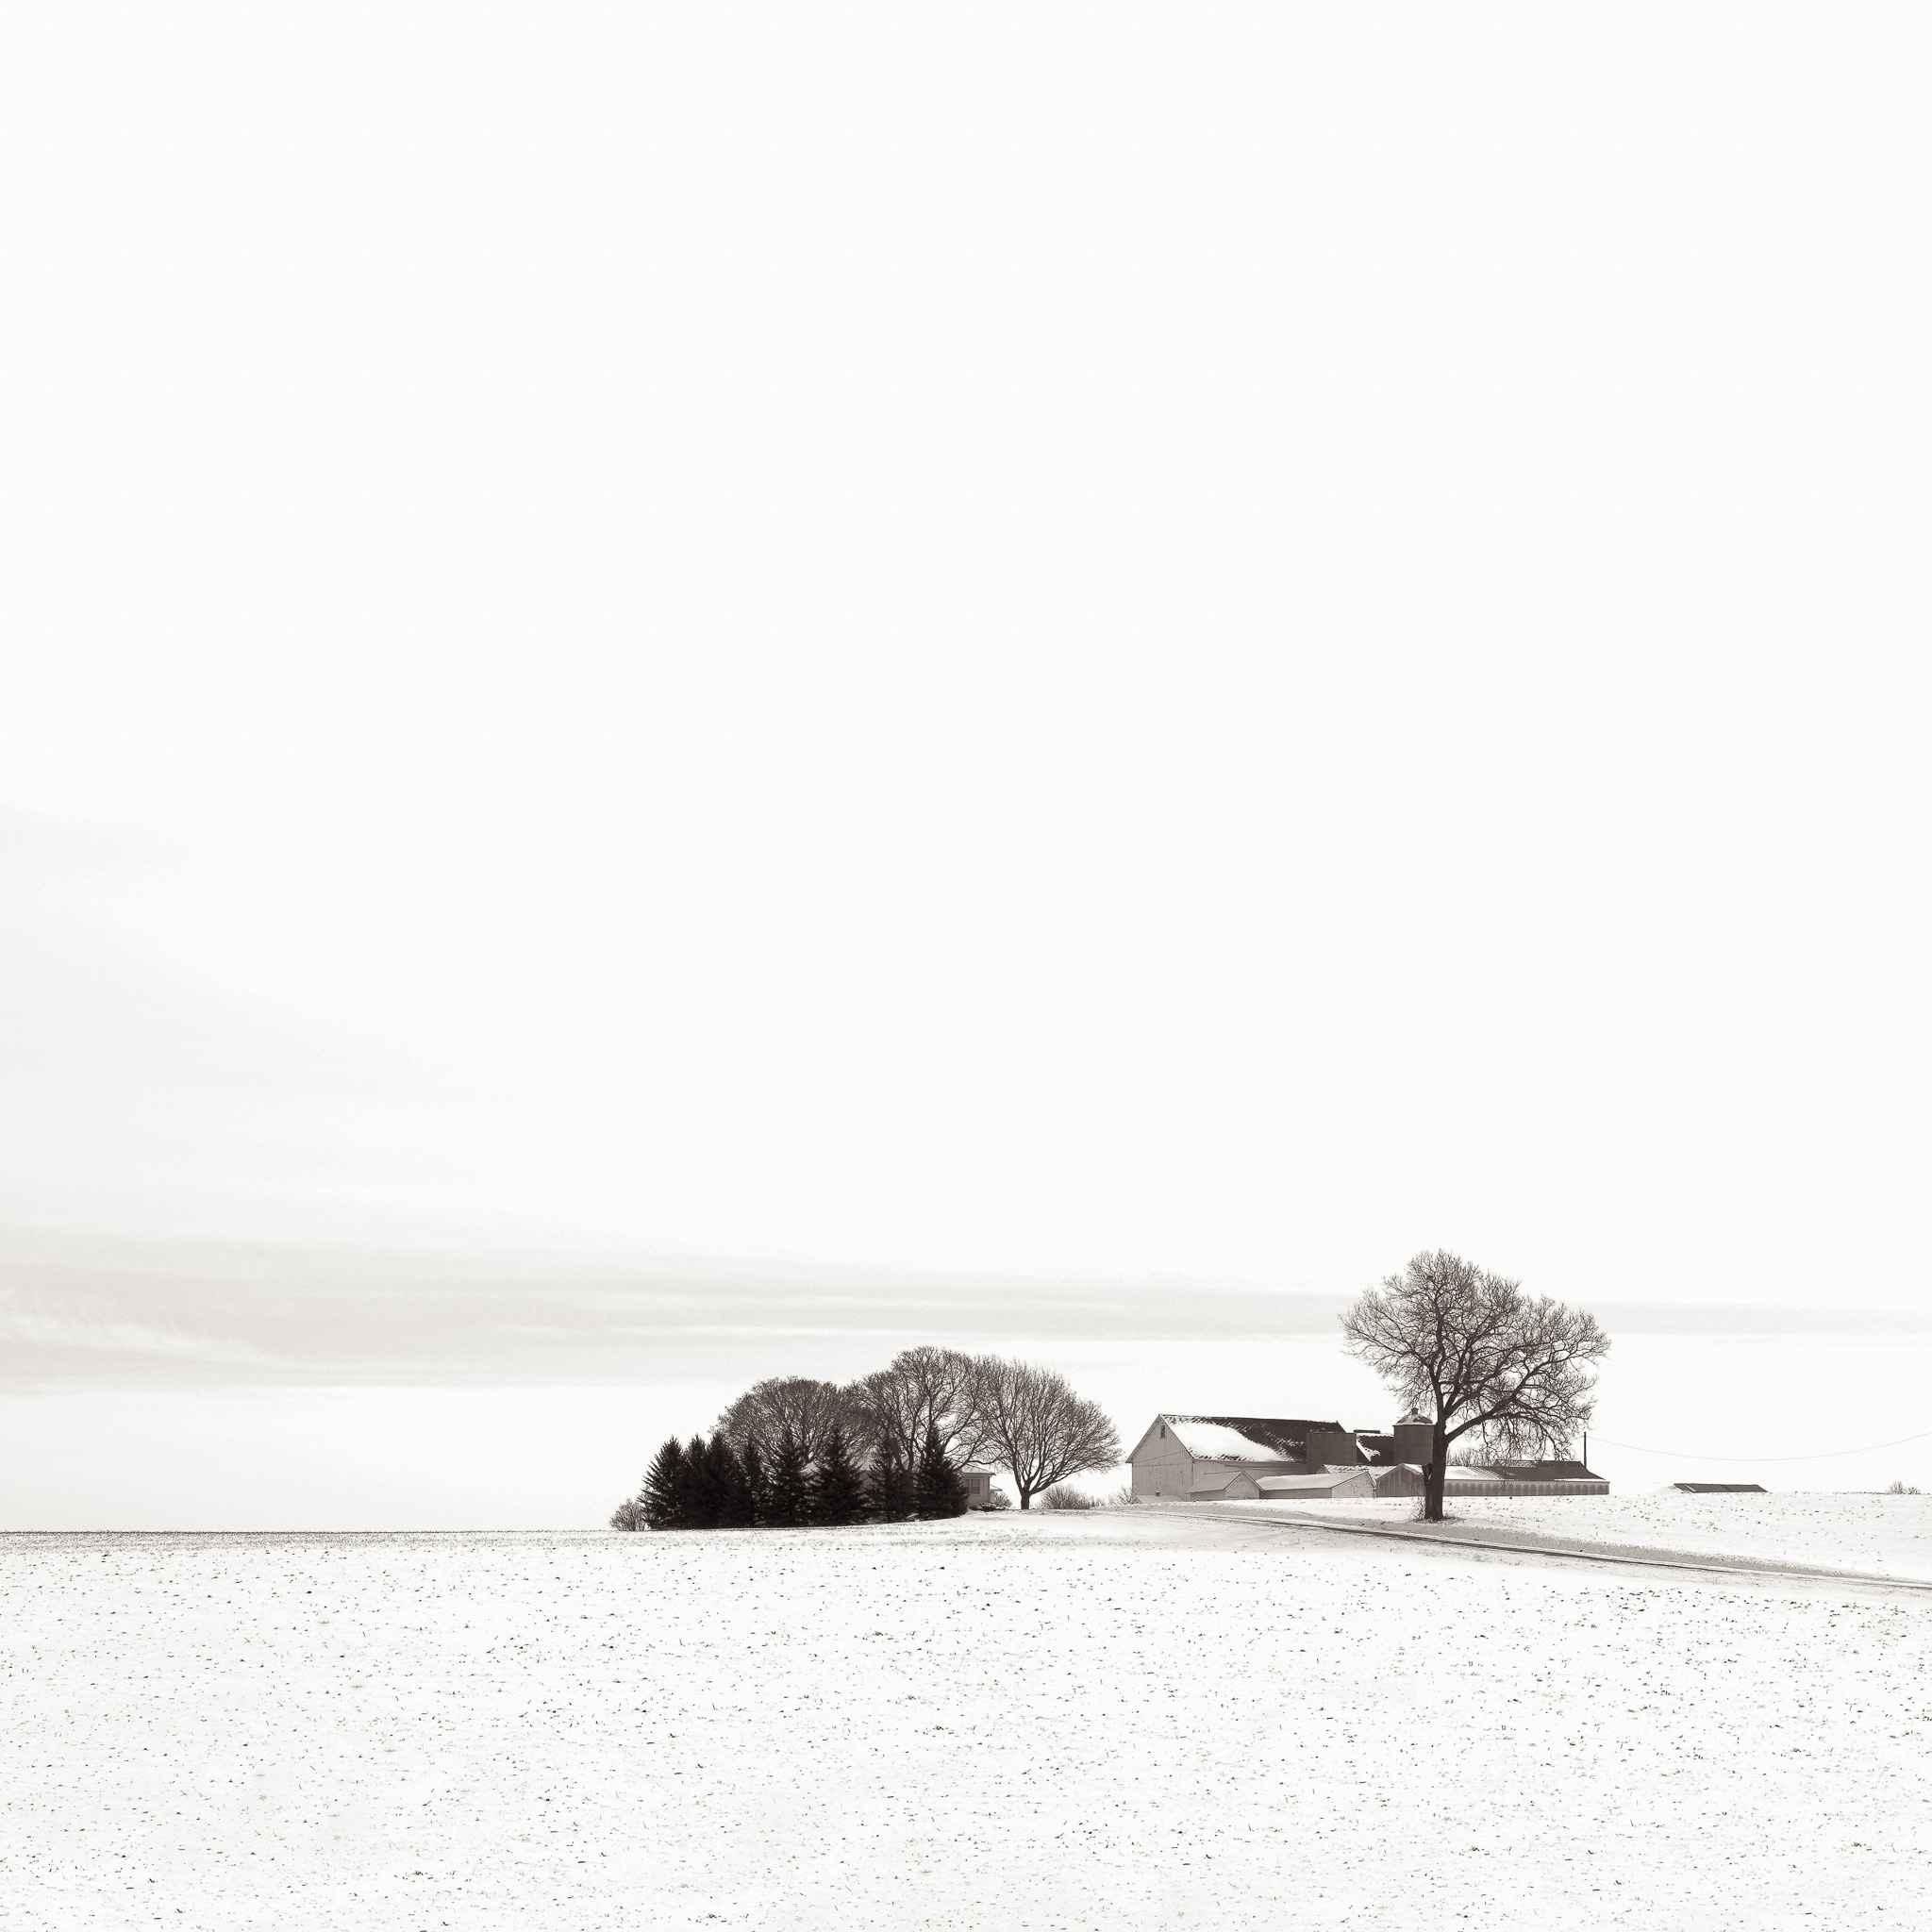 Winterscape by  Michael Knapstein - Masterpiece Online